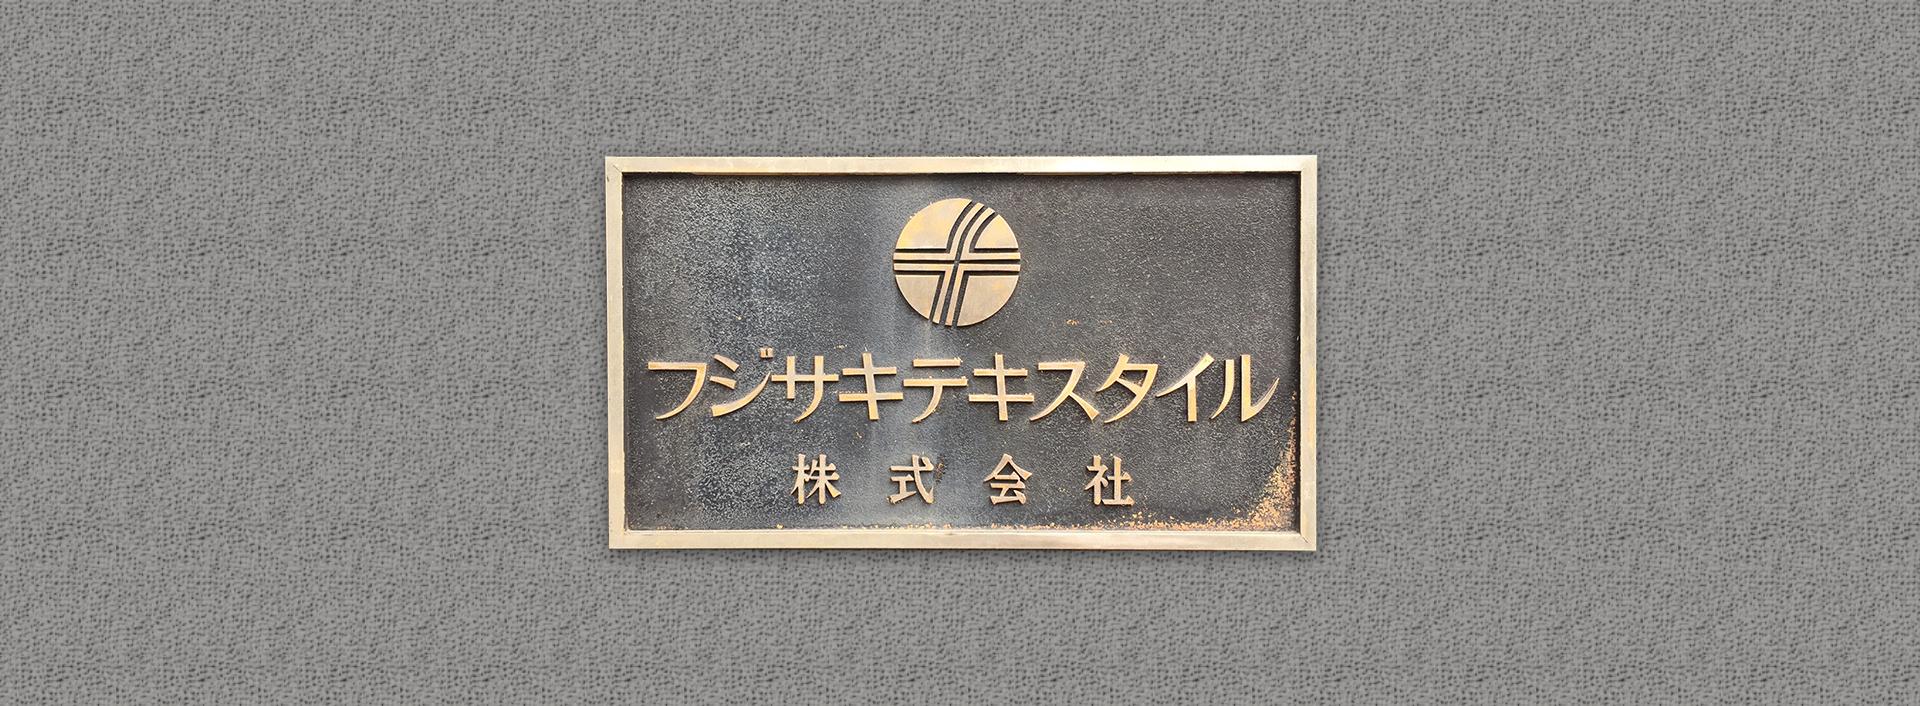 フジサキテキスタイル株式会社